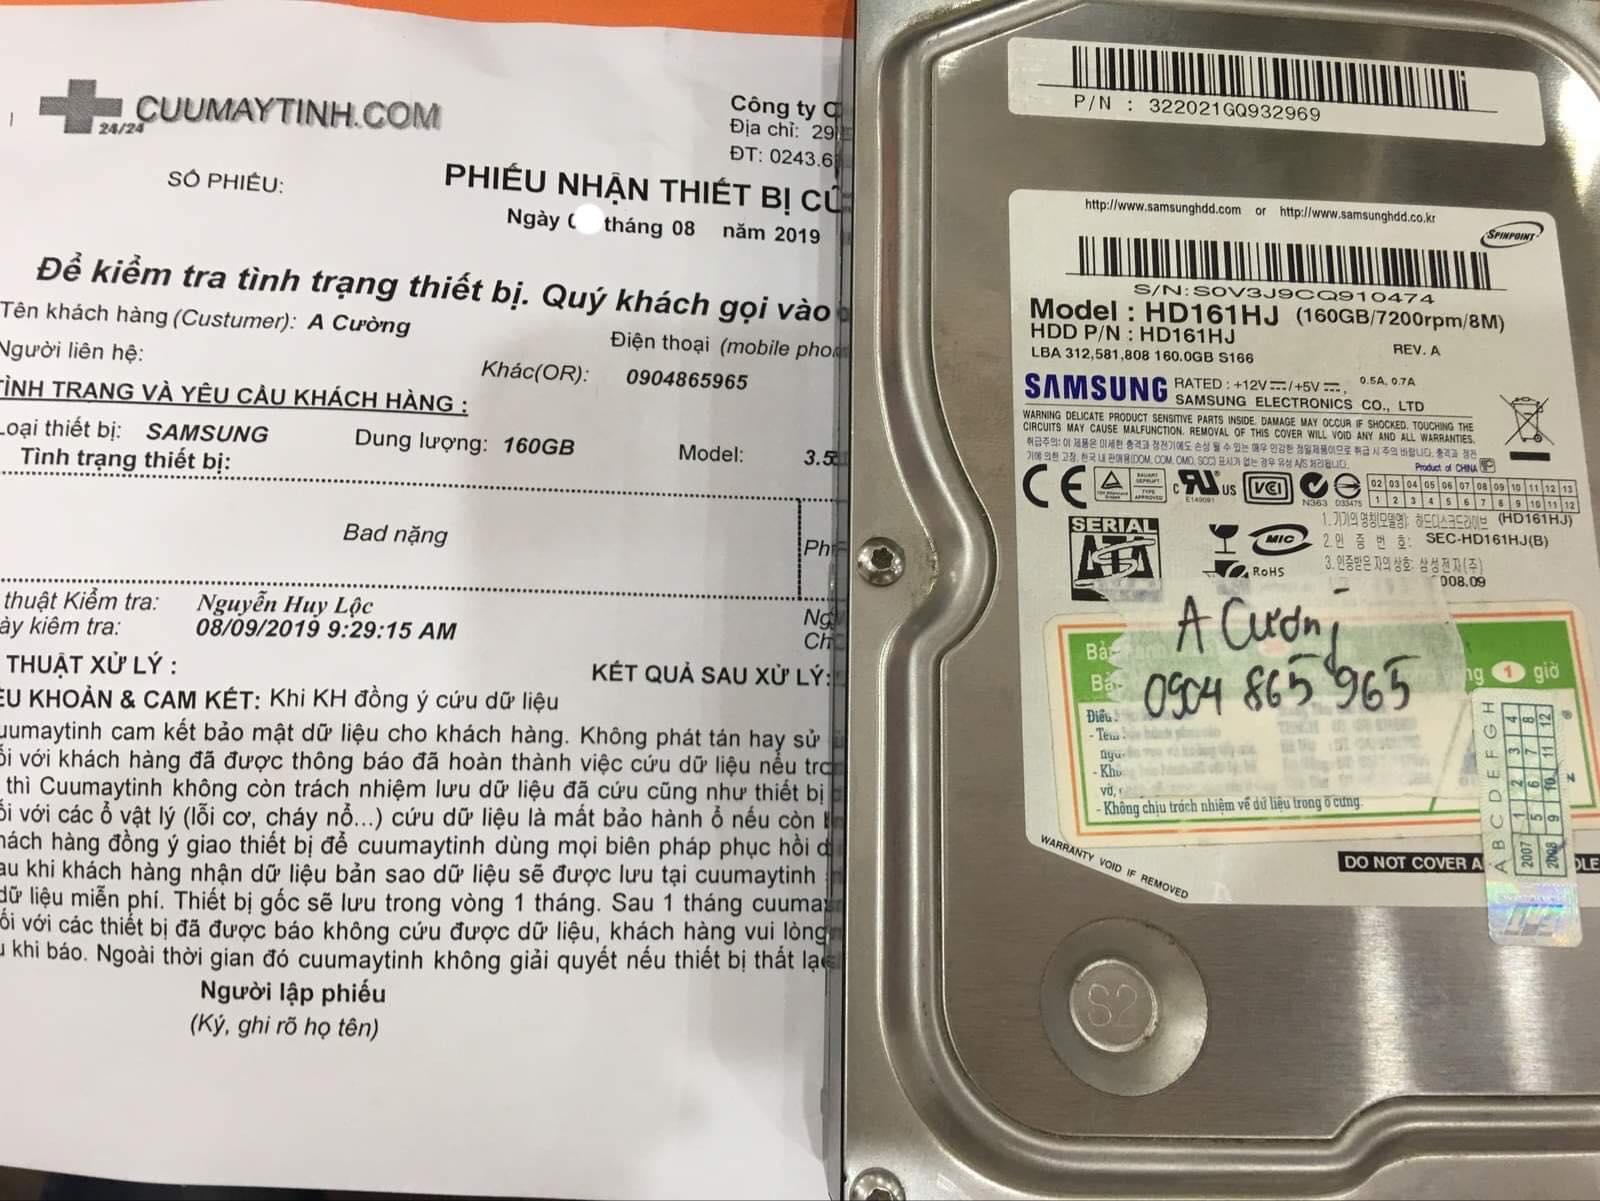 Lấy dữ liệu ổ cứng Samsung 160GB bad 16/08/2019 - cuumaytinh